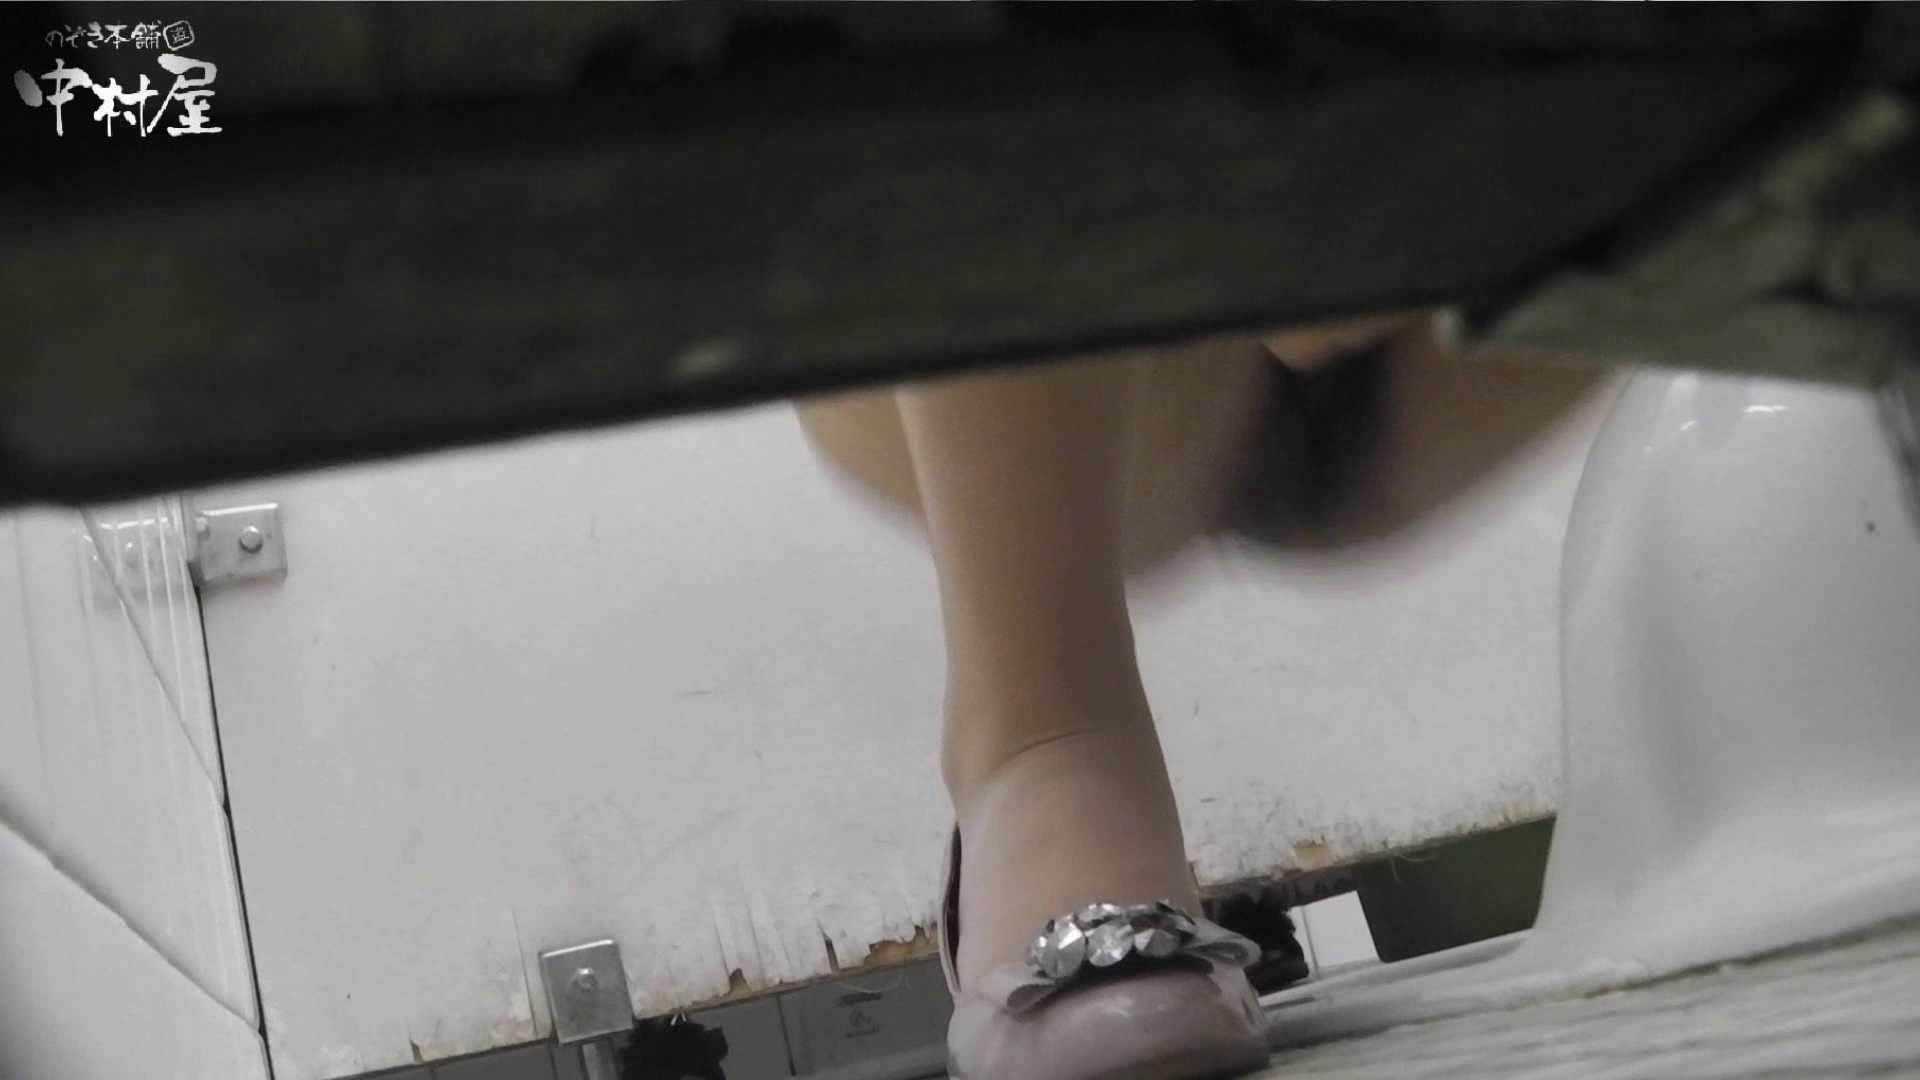 vol.53 命がけ潜伏洗面所! 私イボ痔なんです OLセックス 盗み撮りAV無料動画キャプチャ 49画像 14